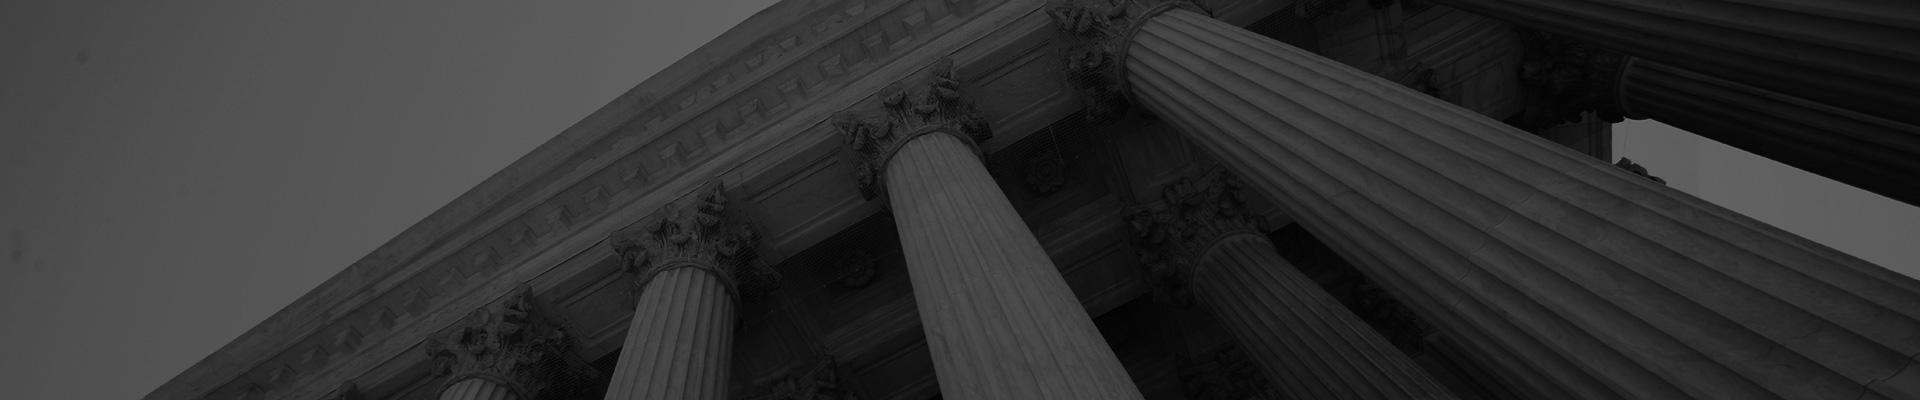 Gestão-de-Serviços-Jurídicos-BG